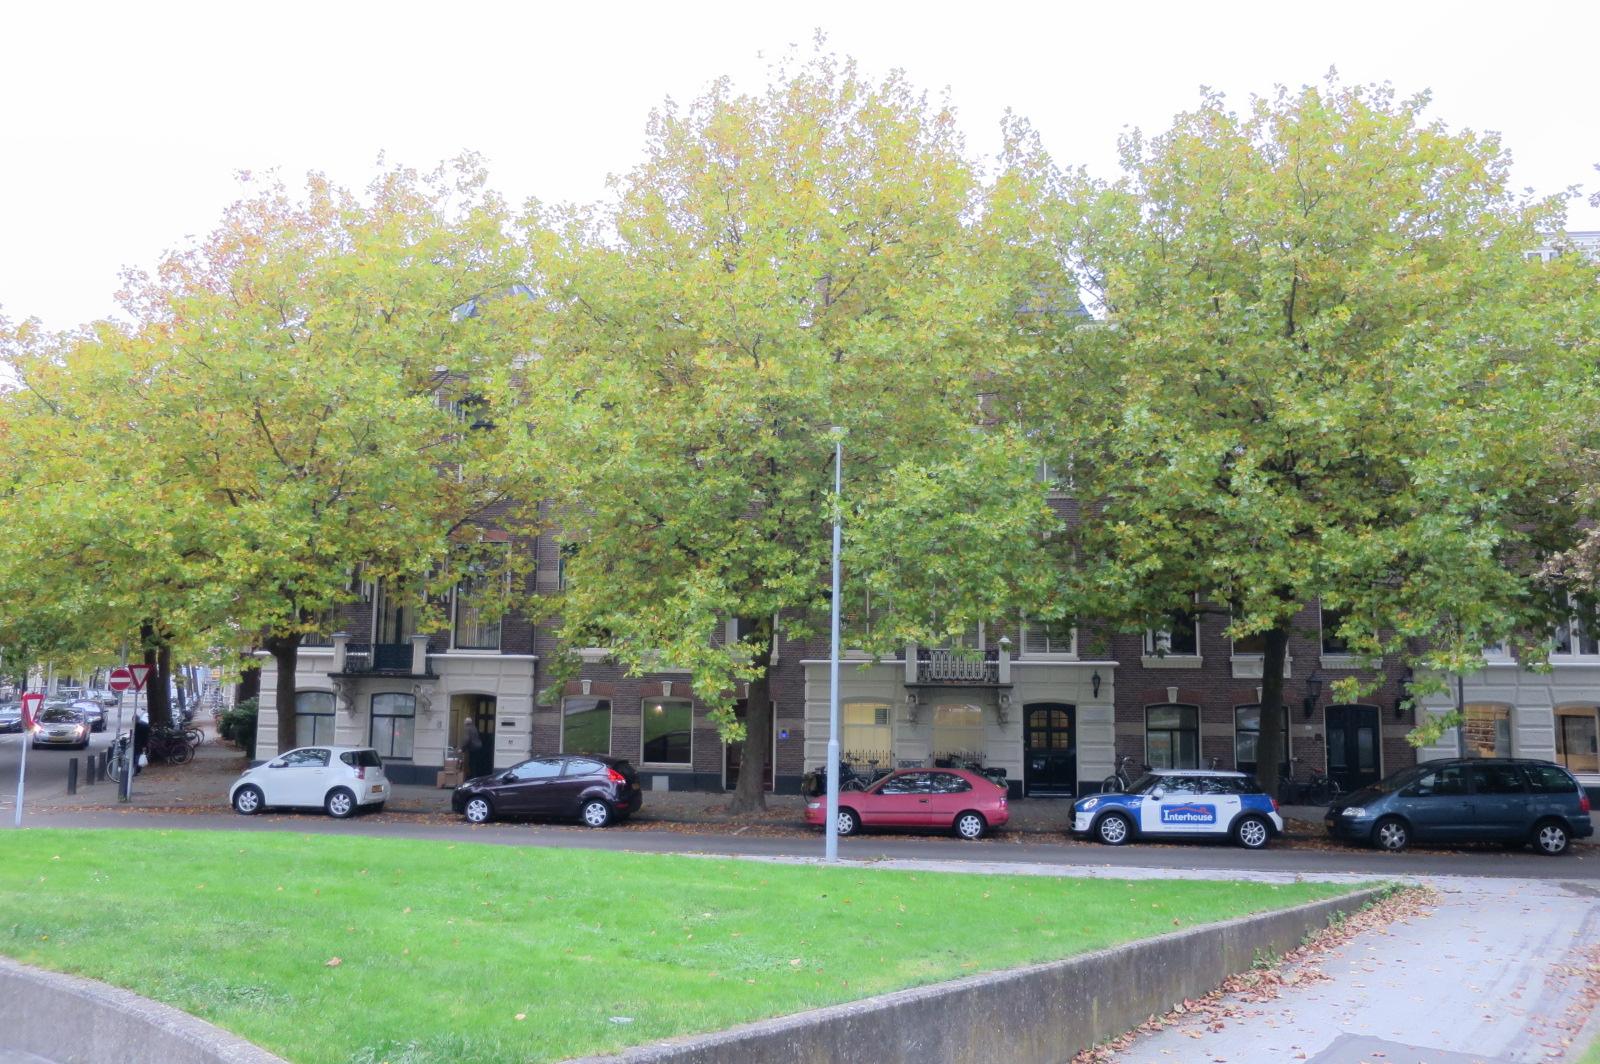 Frans Halsplein, Haarlem